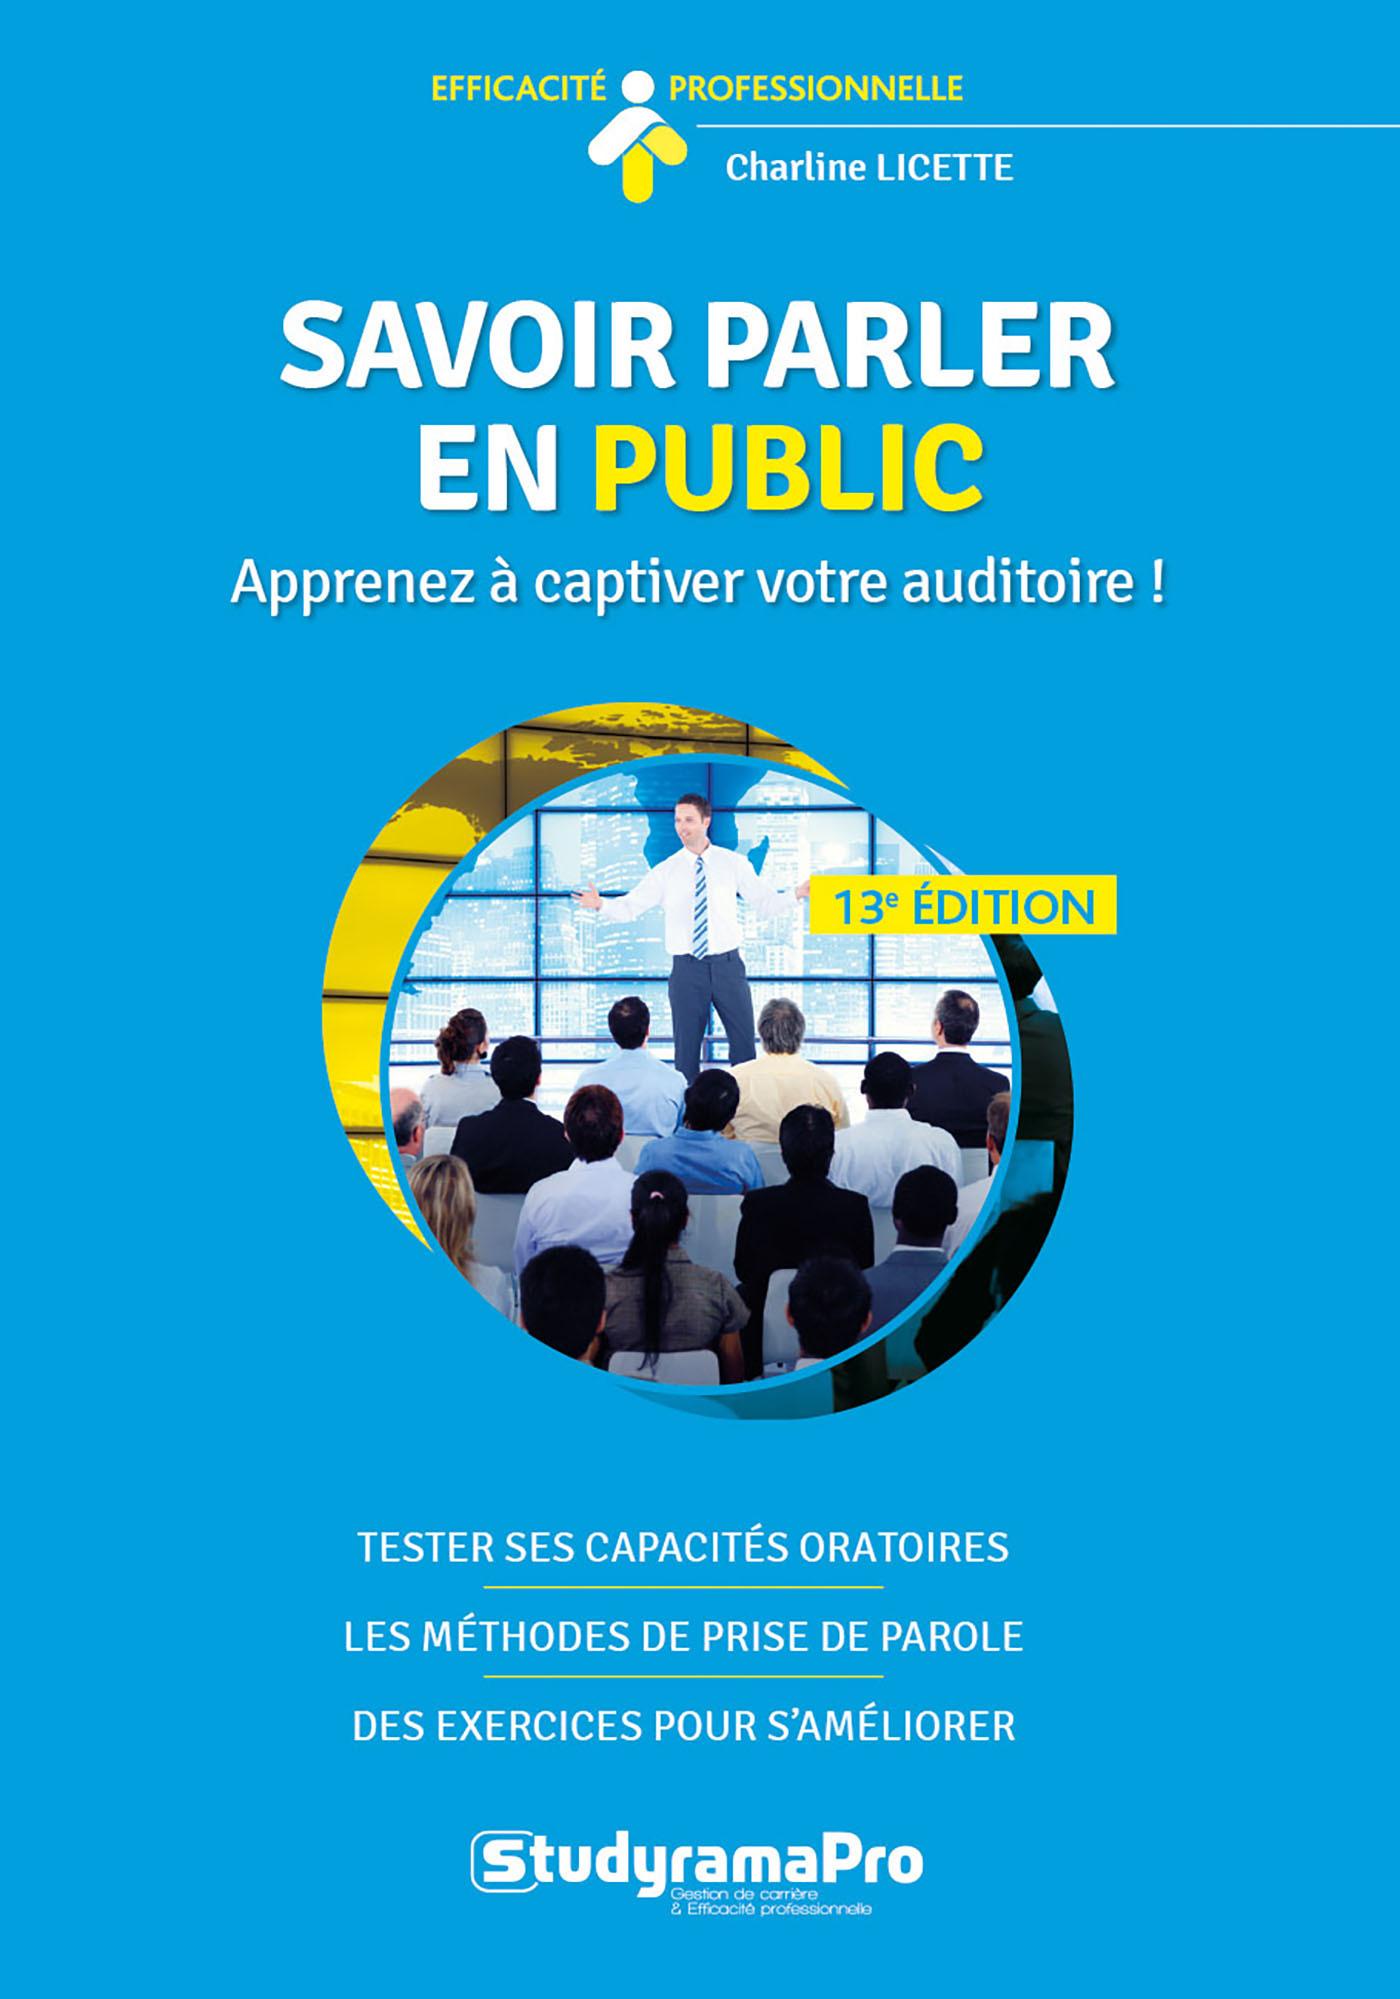 SAVOIR PARLER EN PUBLIC